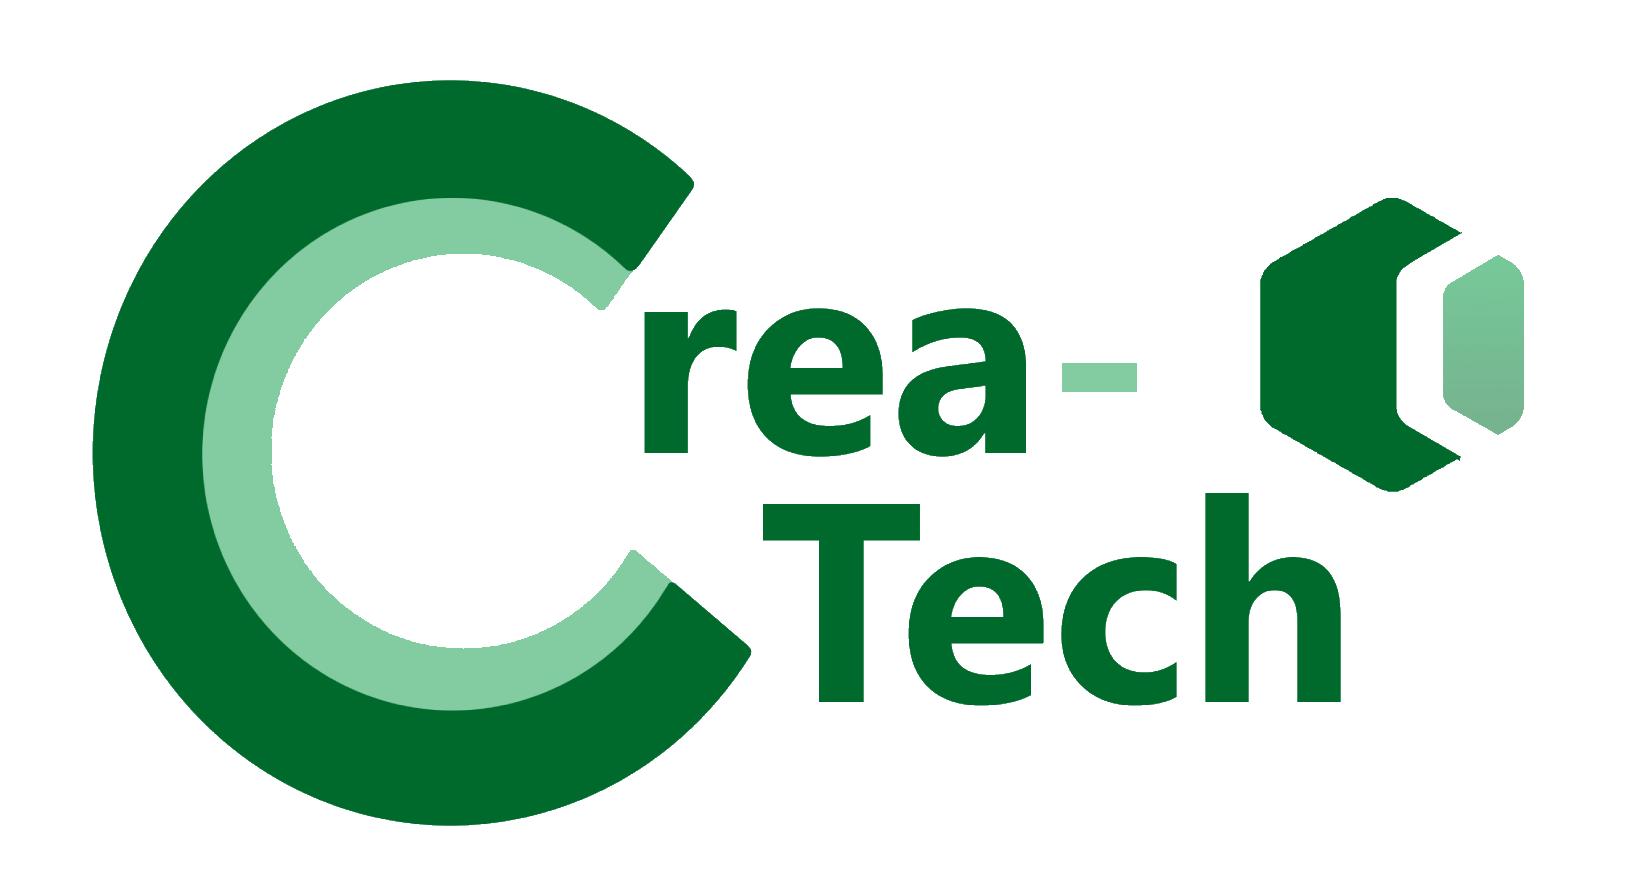 Crea-Tech Logo